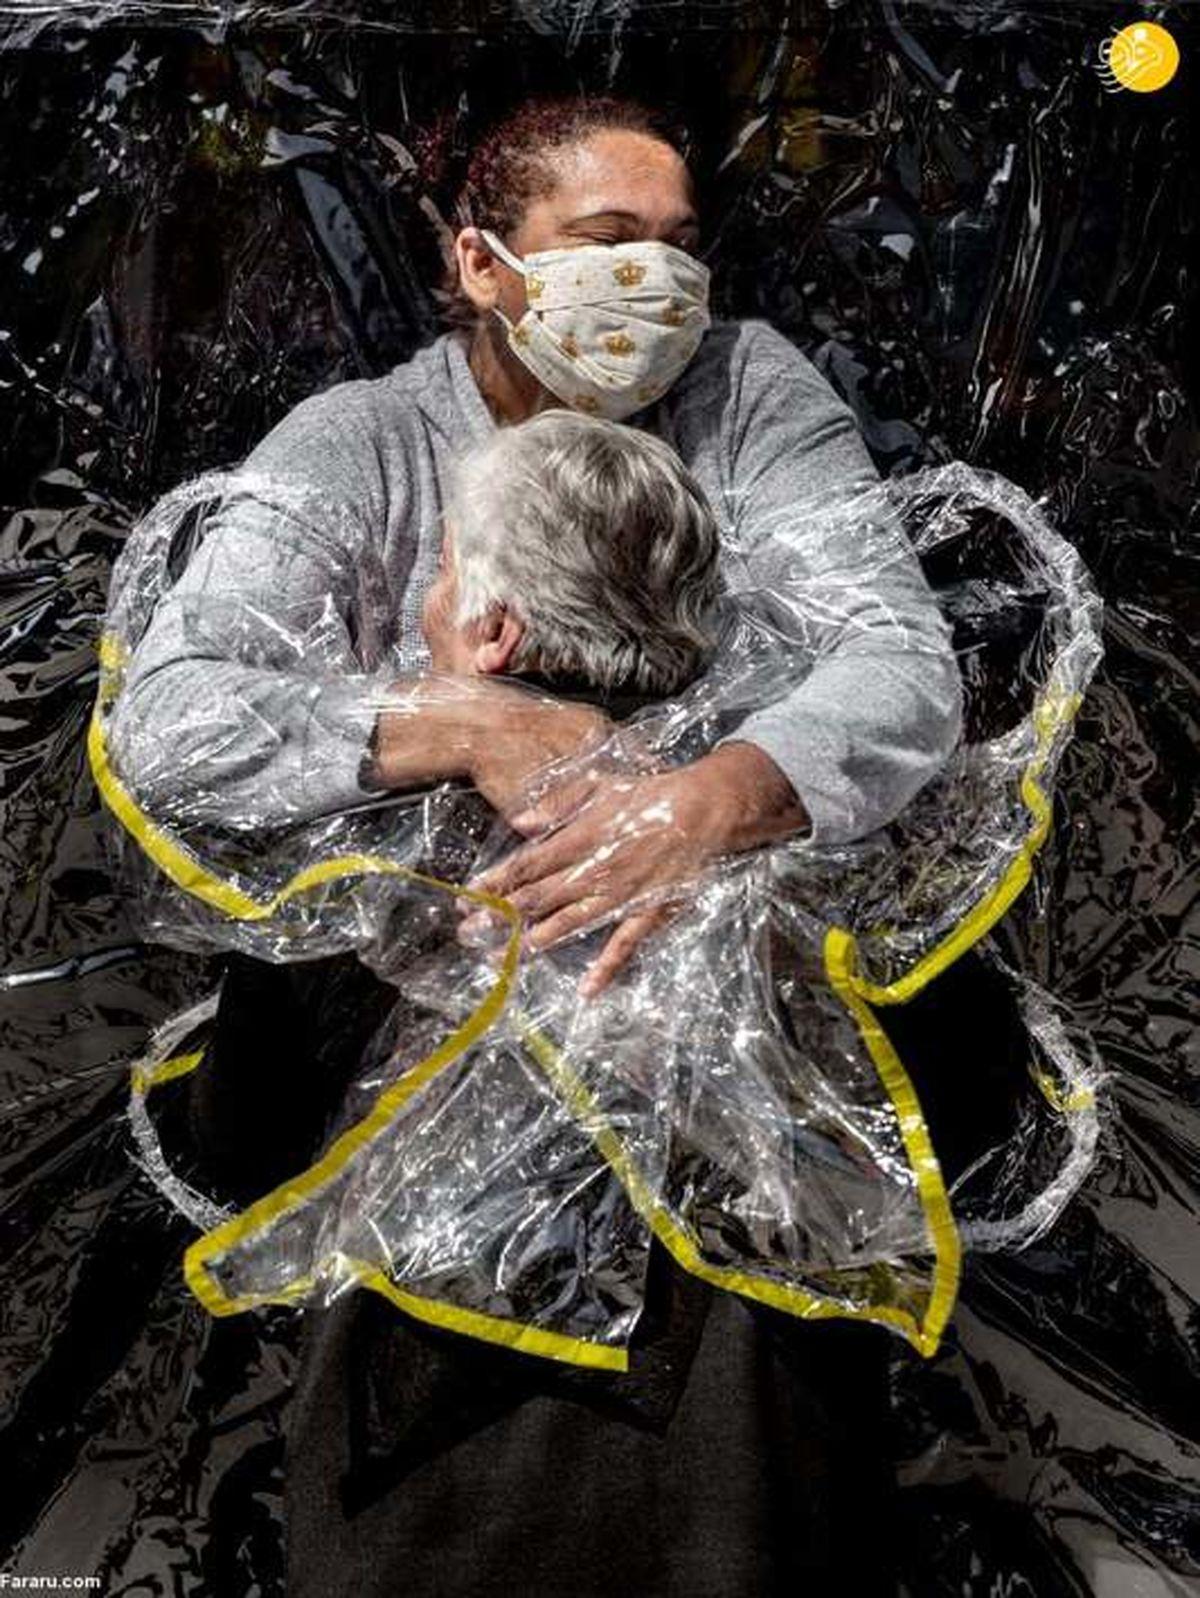 برندگان مسابقه جهانی بهترین عکسهای خبری سال ۲۰۲۱